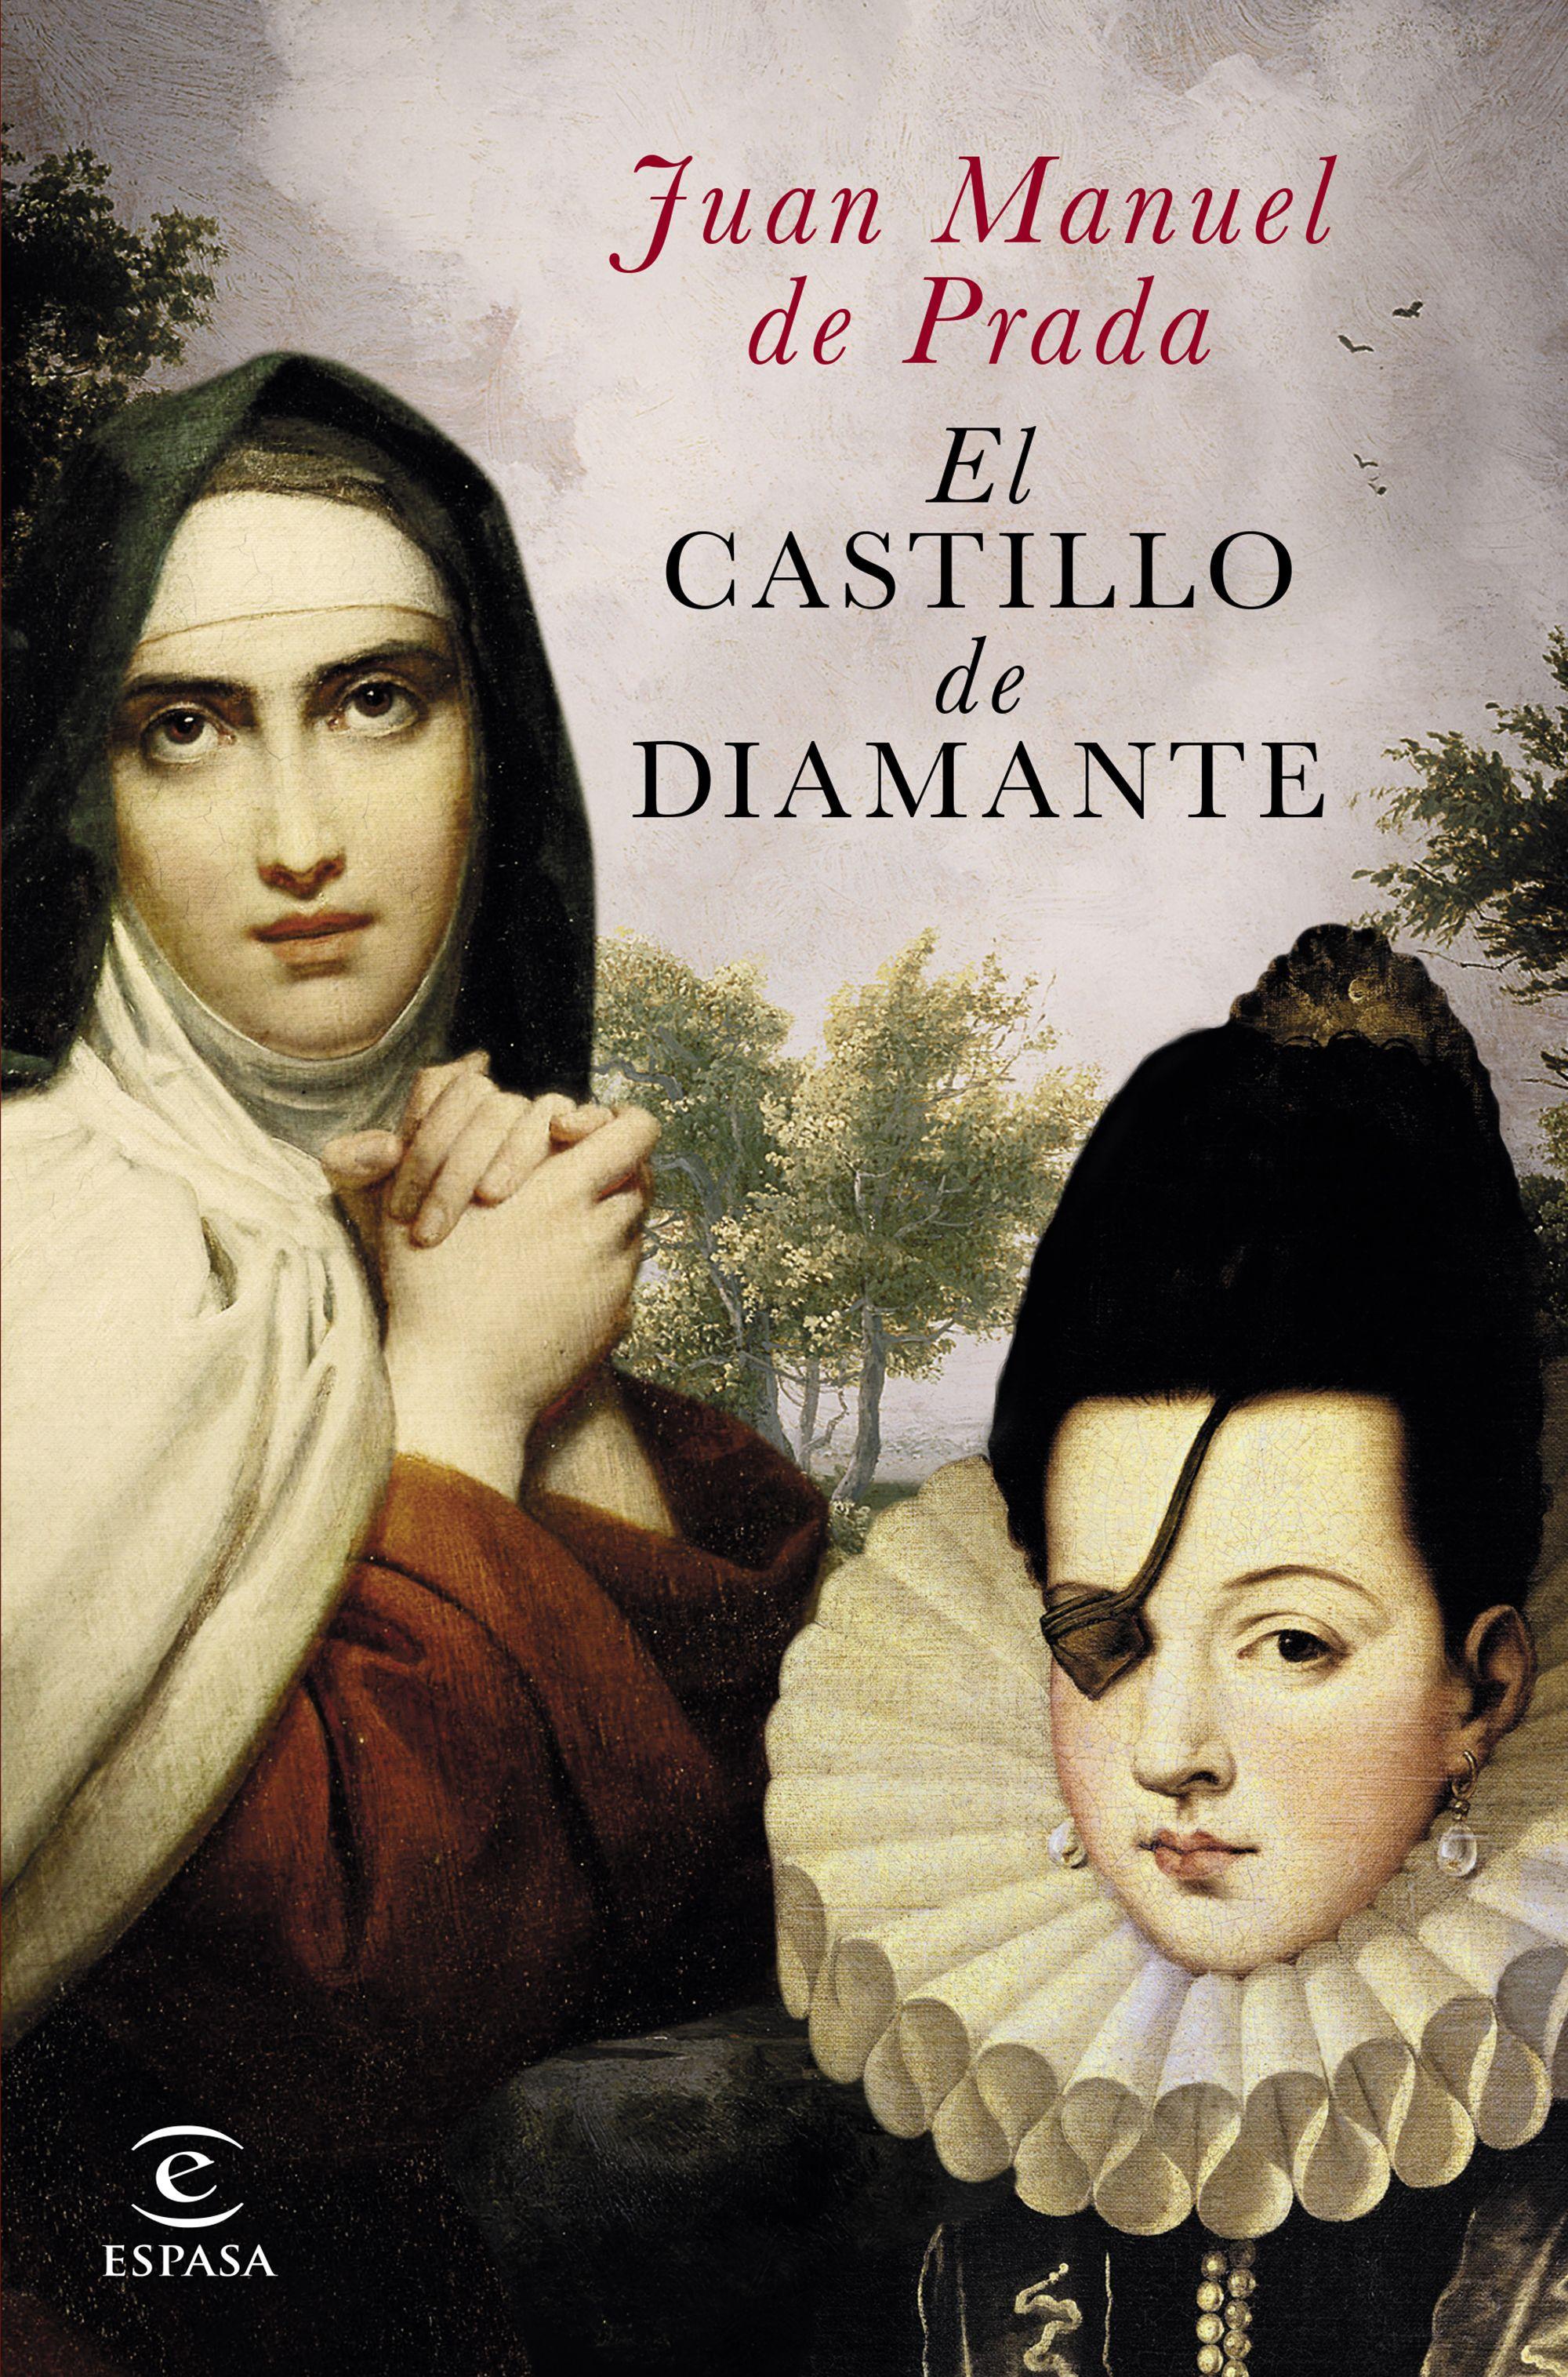 O Libro El Castillo De Diamante — Cluber